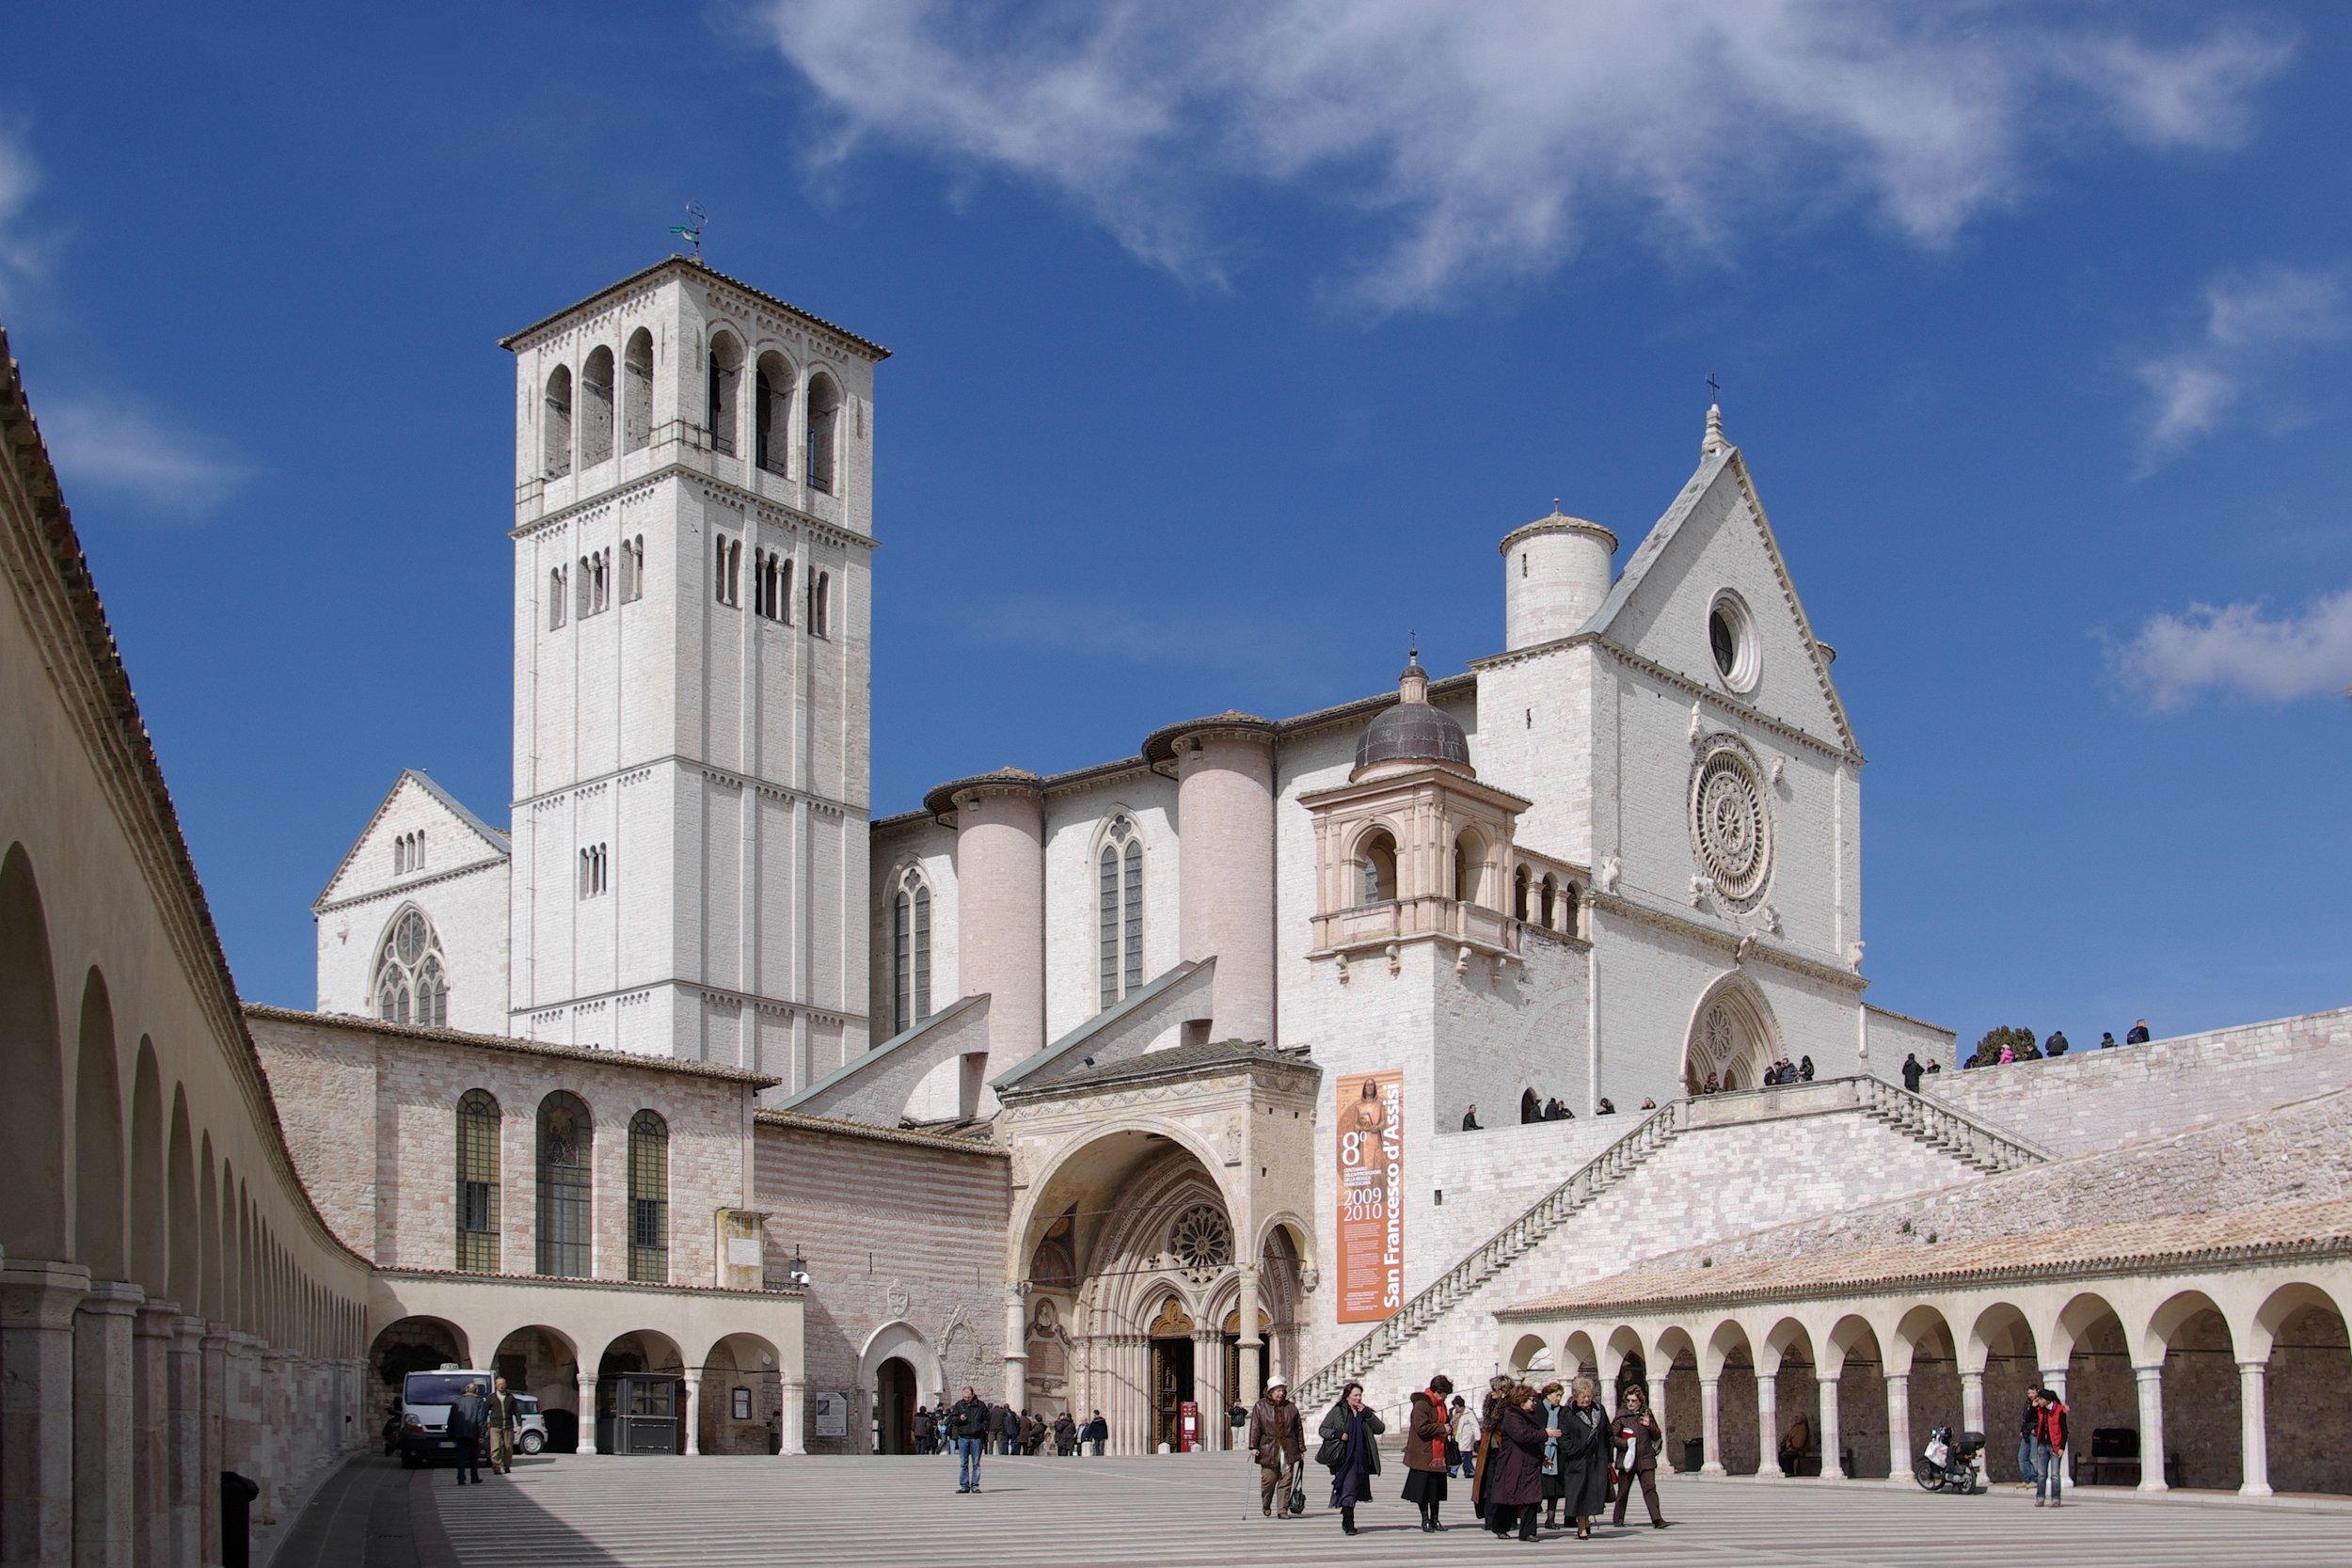 Basilica di San Francesco in Assisi, Italy